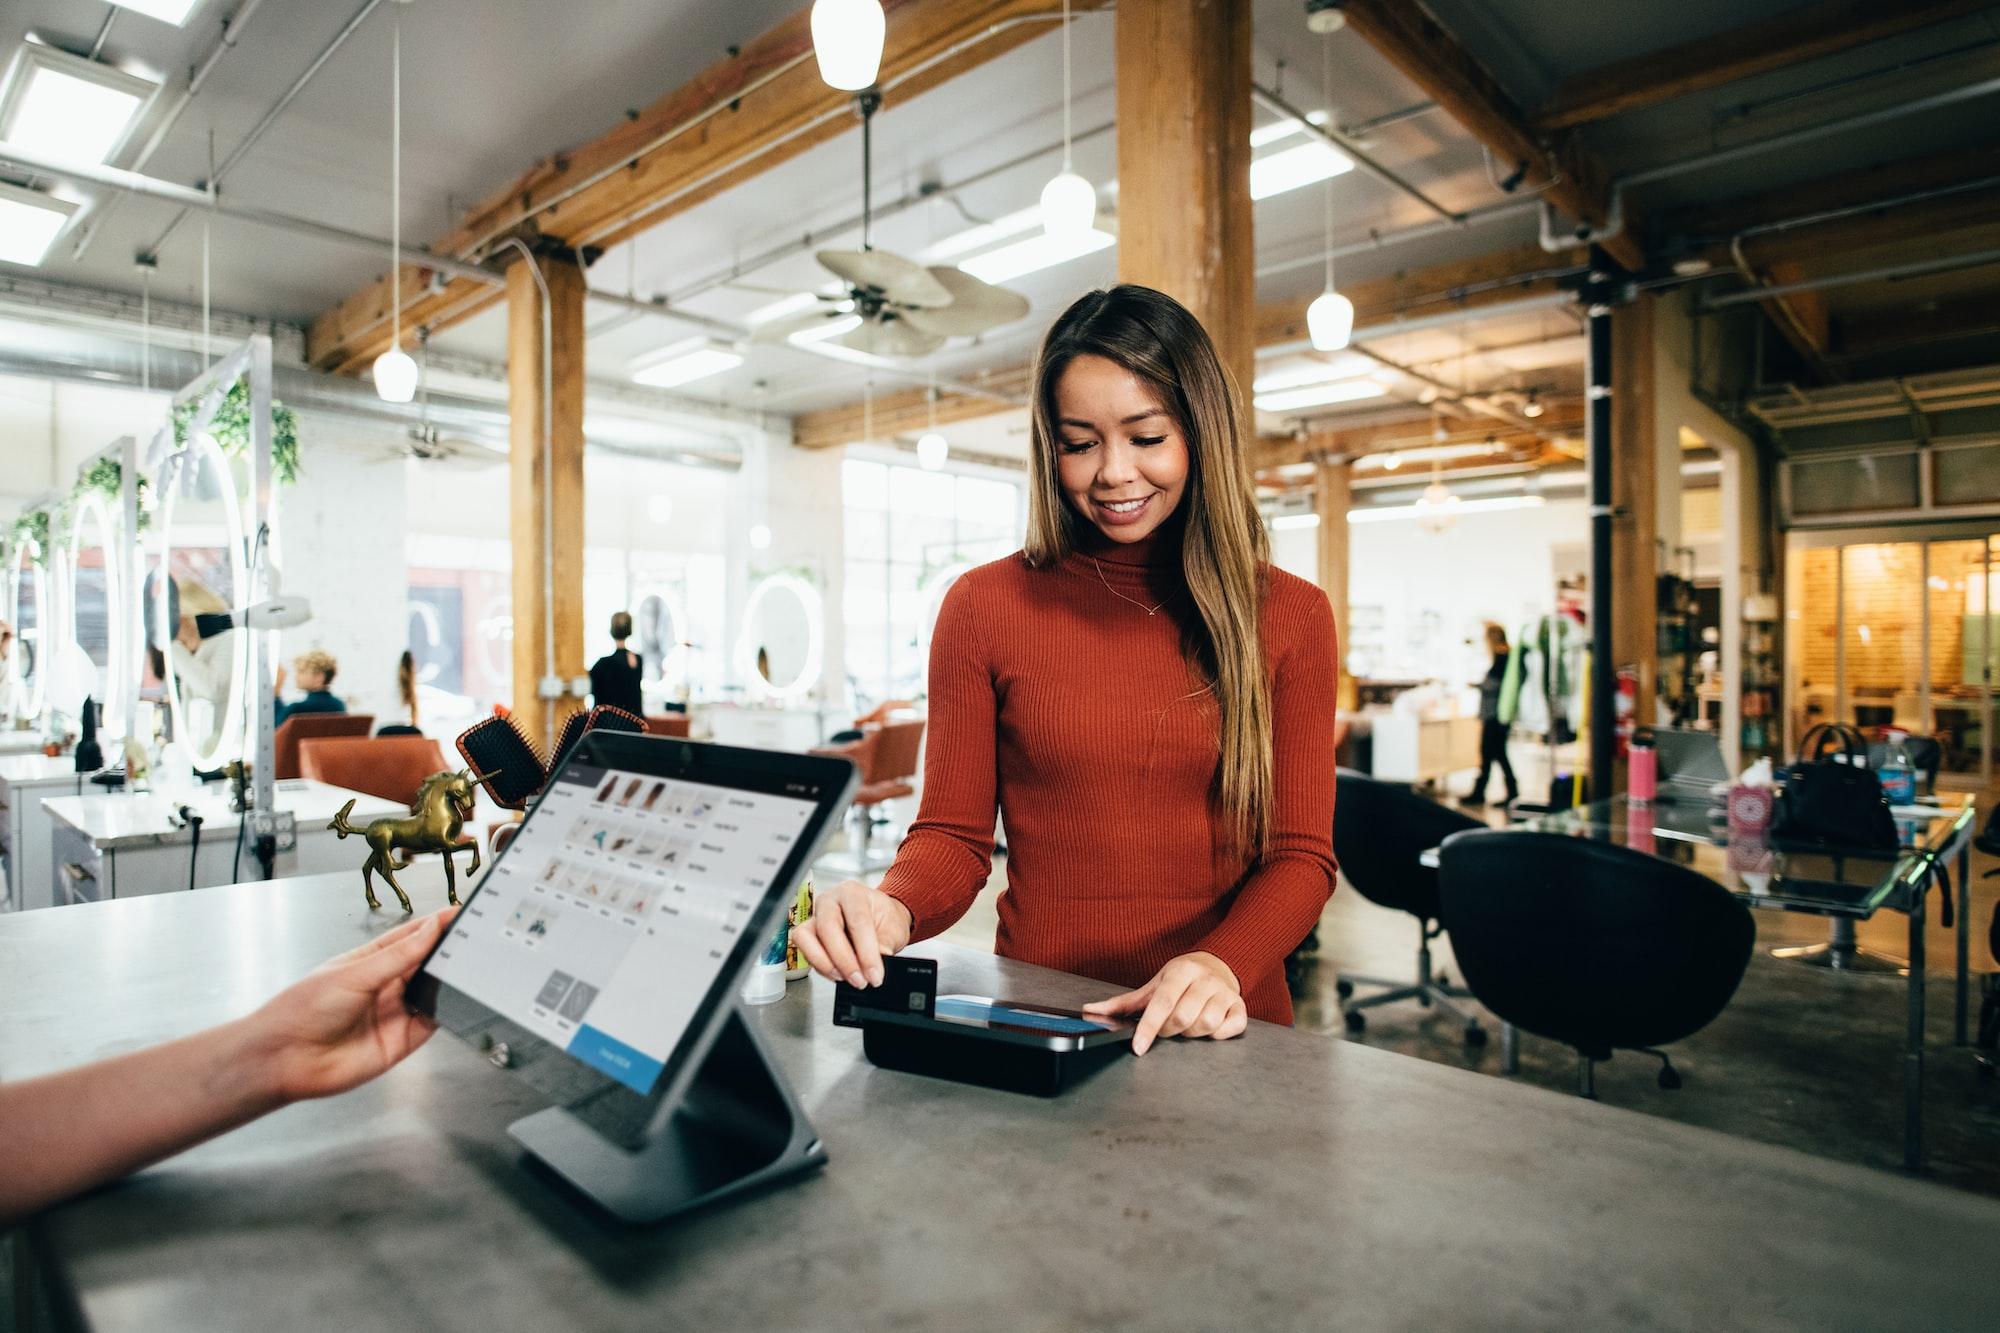 ¿Sabías que un estudio determinó que la transformación digital llegó para quedarse en el sector retail?